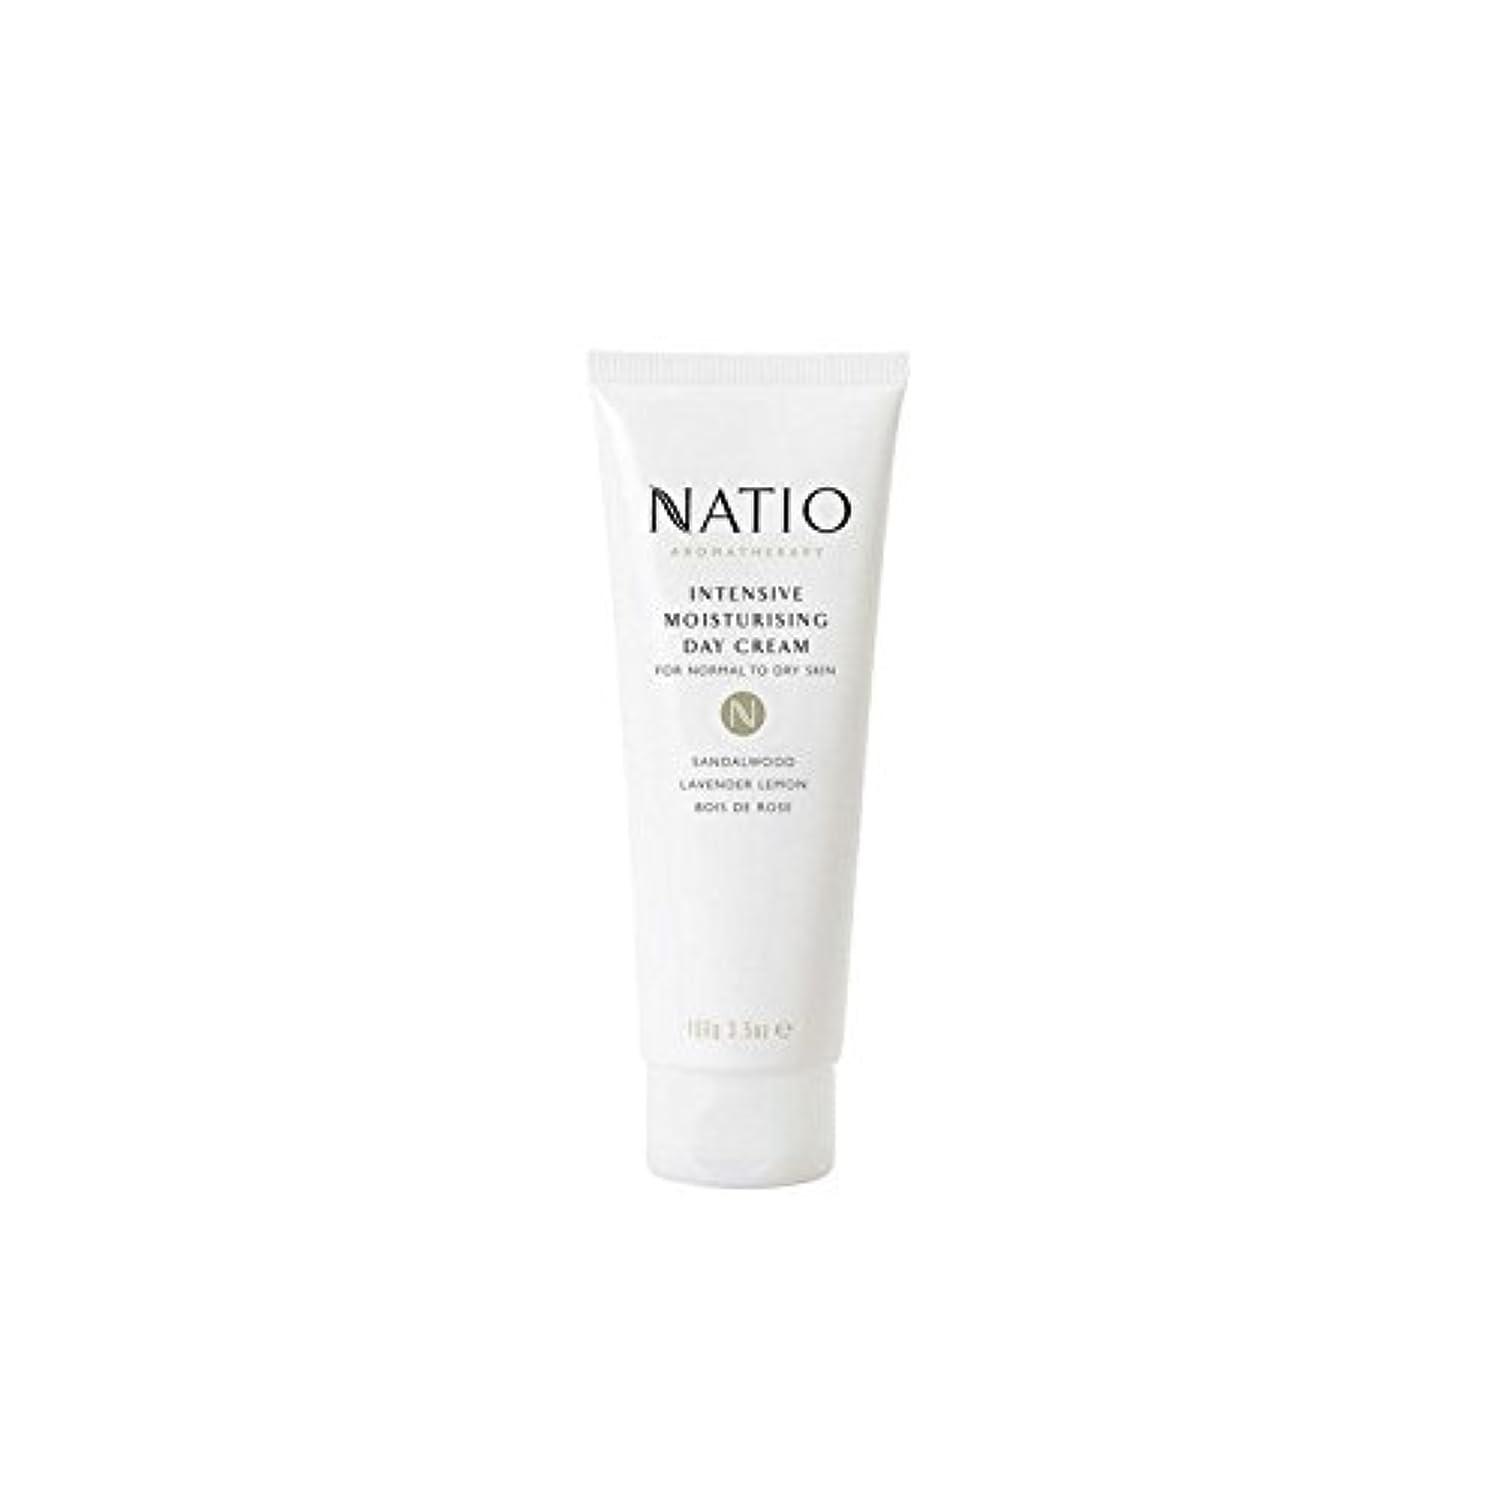 ドットシビック嘆く集中的な保湿デイクリーム(100グラム) x2 - Natio Intensive Moisturising Day Cream (100G) (Pack of 2) [並行輸入品]